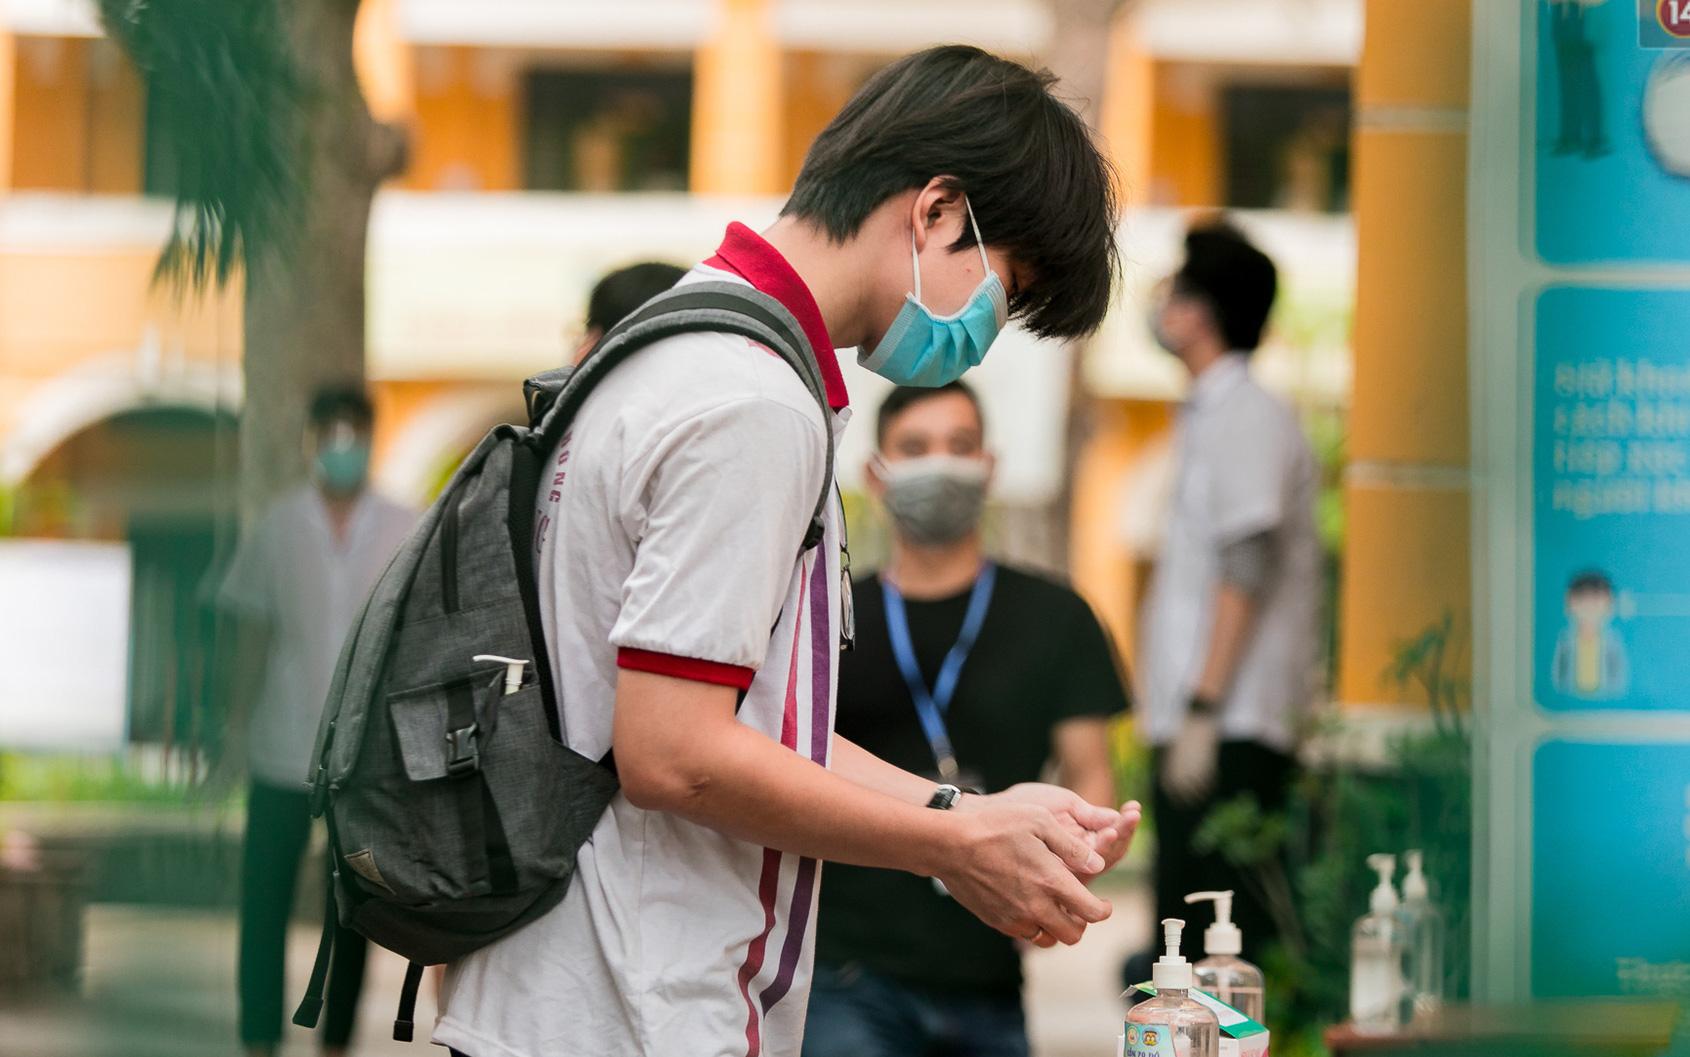 Sở GD&ĐT TP.HCM đề xuất đặc cách tốt nghiệp cho toàn bộ thí sinh thi đợt 2 vì khó tổ chức thi